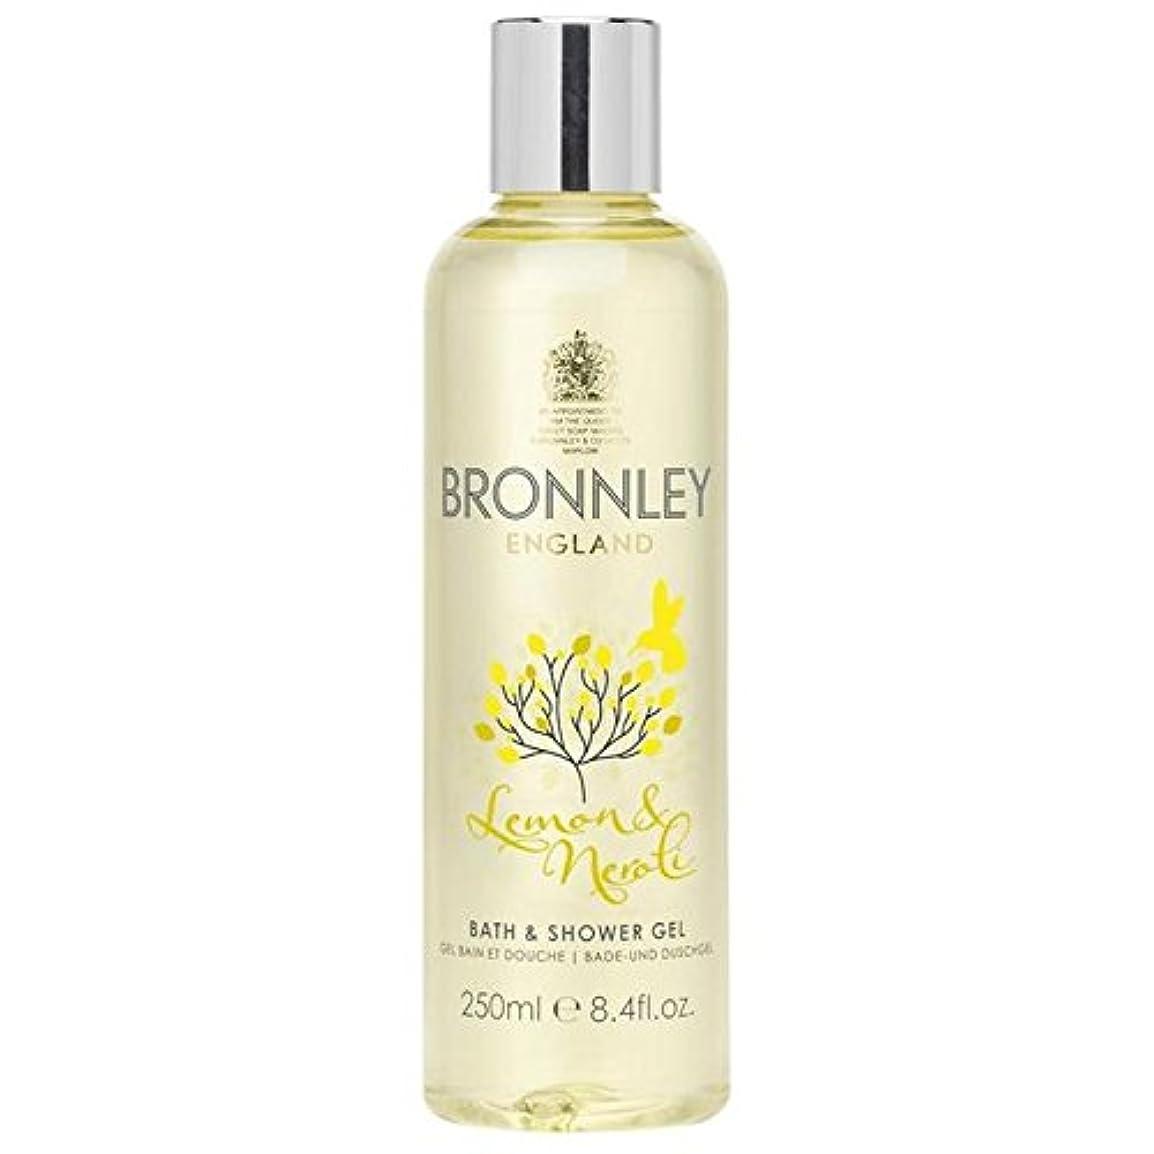 マットコメントましいレモン&ネロリバス&シャワージェル250ミリリットル x4 - Bronnley Lemon & Neroli Bath & Shower Gel 250ml (Pack of 4) [並行輸入品]